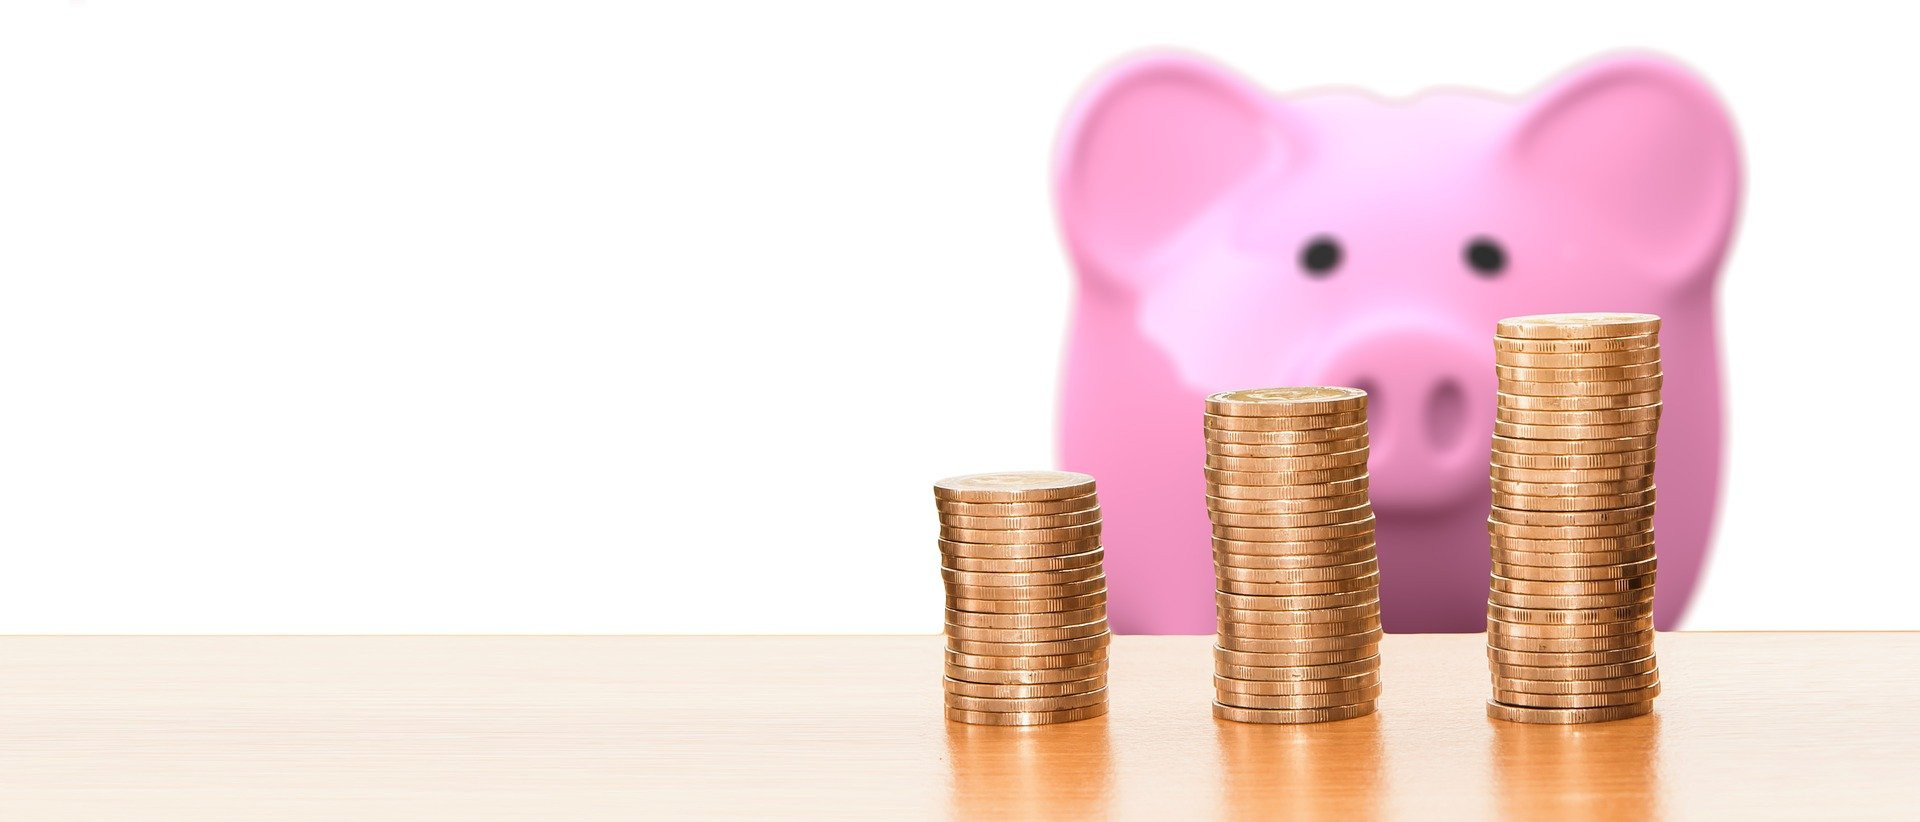 Saving Money: The Basics for Teachers